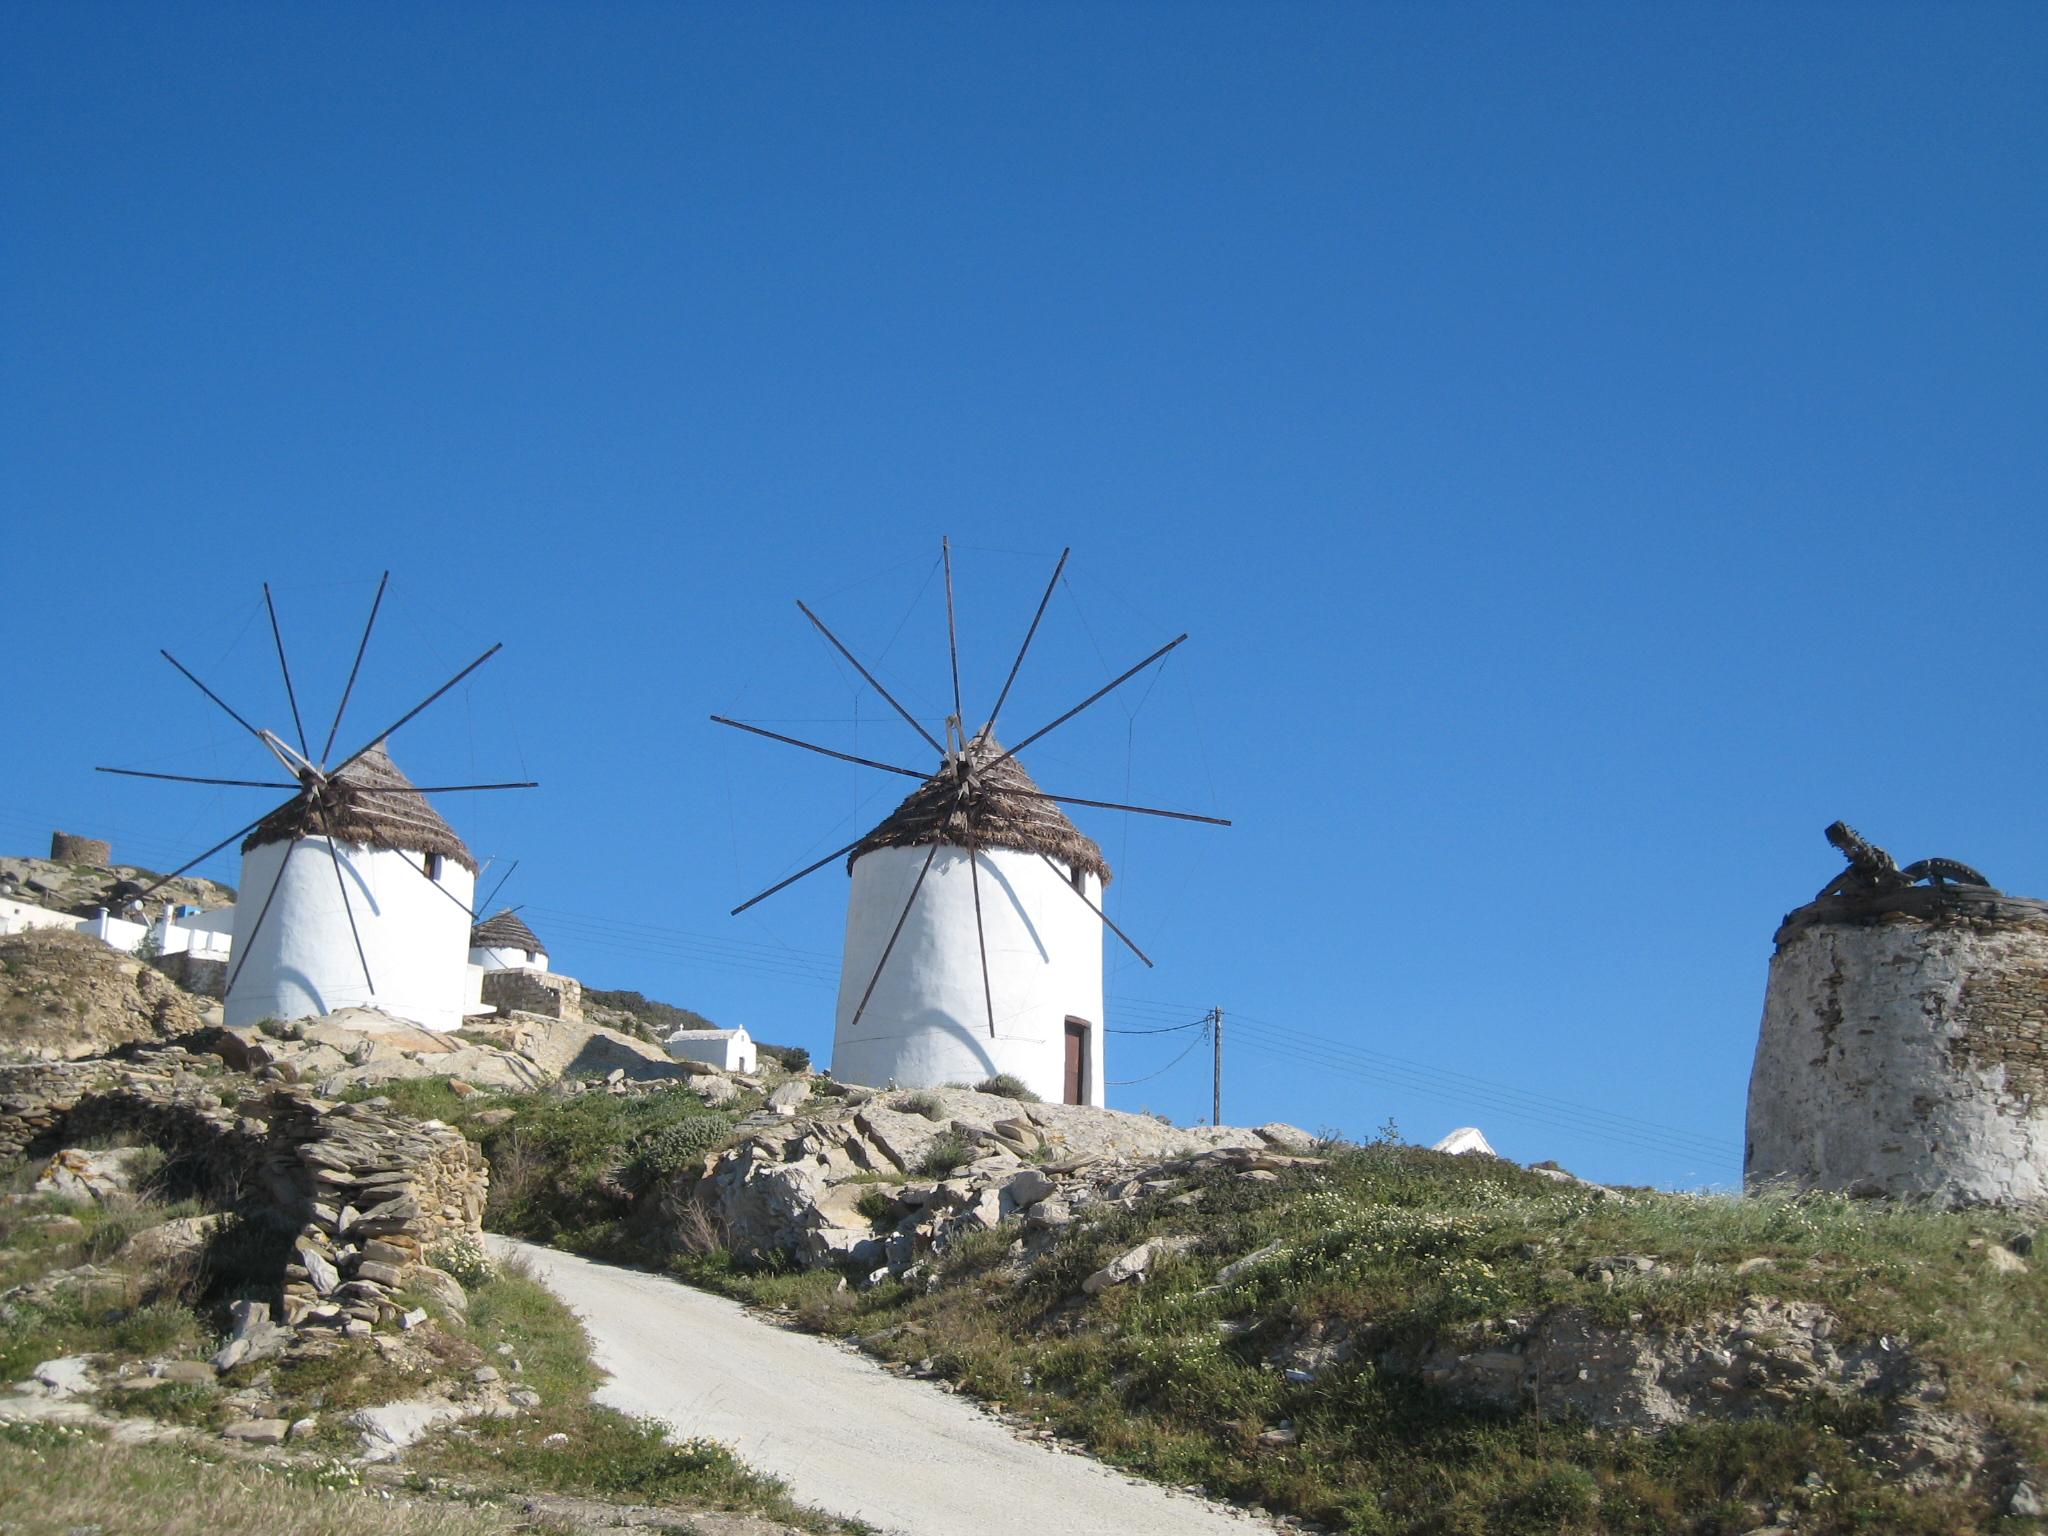 File:Windmills in Ios island, Cyclades, Greece.jpg - Wikipedia, the ...